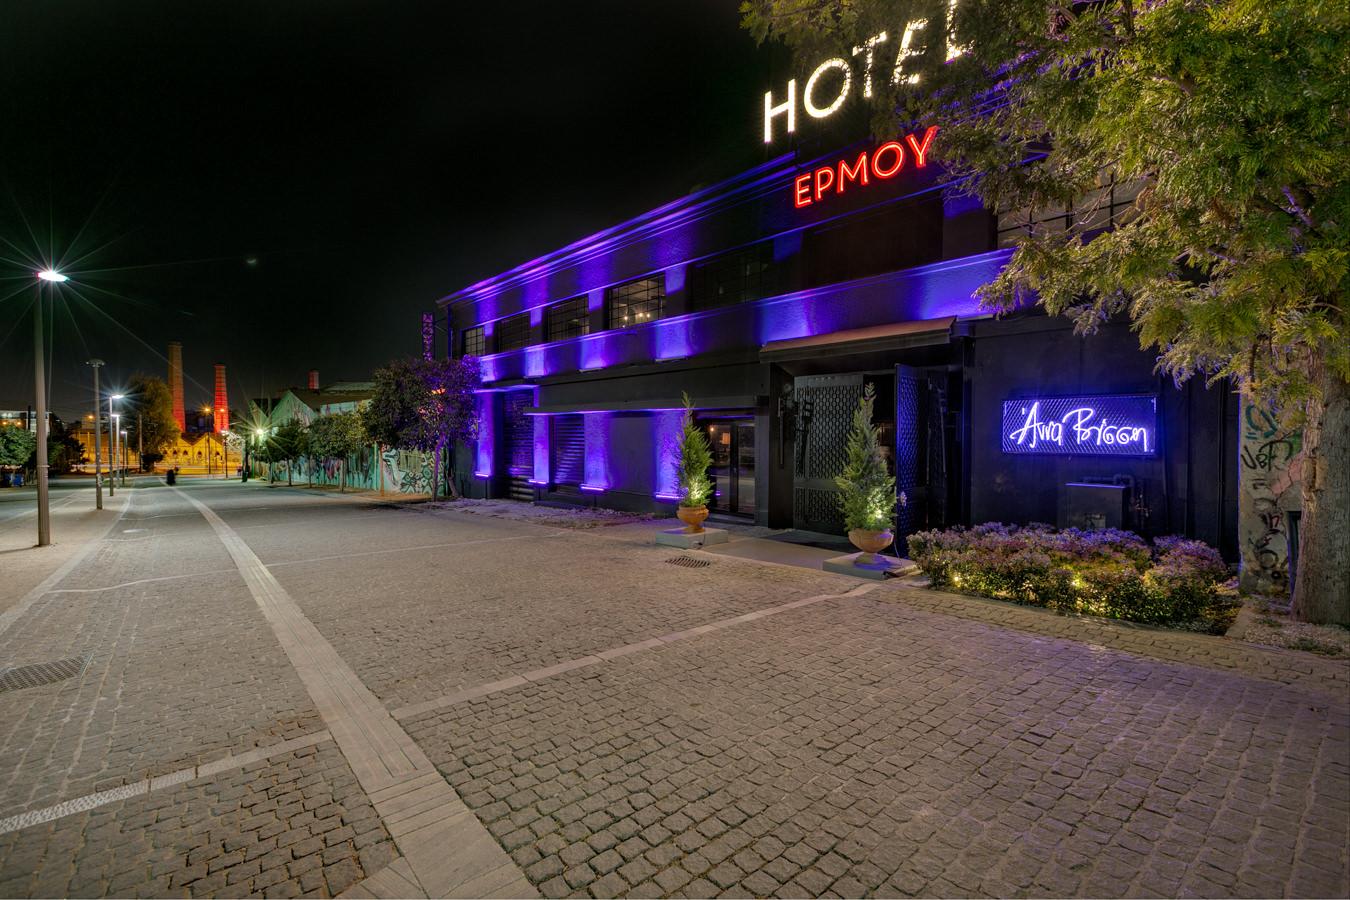 Hotel Ermou, Γιώργος Φάκαρος - Αρχιτεκτονική Φωτογραφία | Εσωτερικοί Χώροι | Φωτογραφία Ξενοδοχειών - Photography / Φωτογραφία